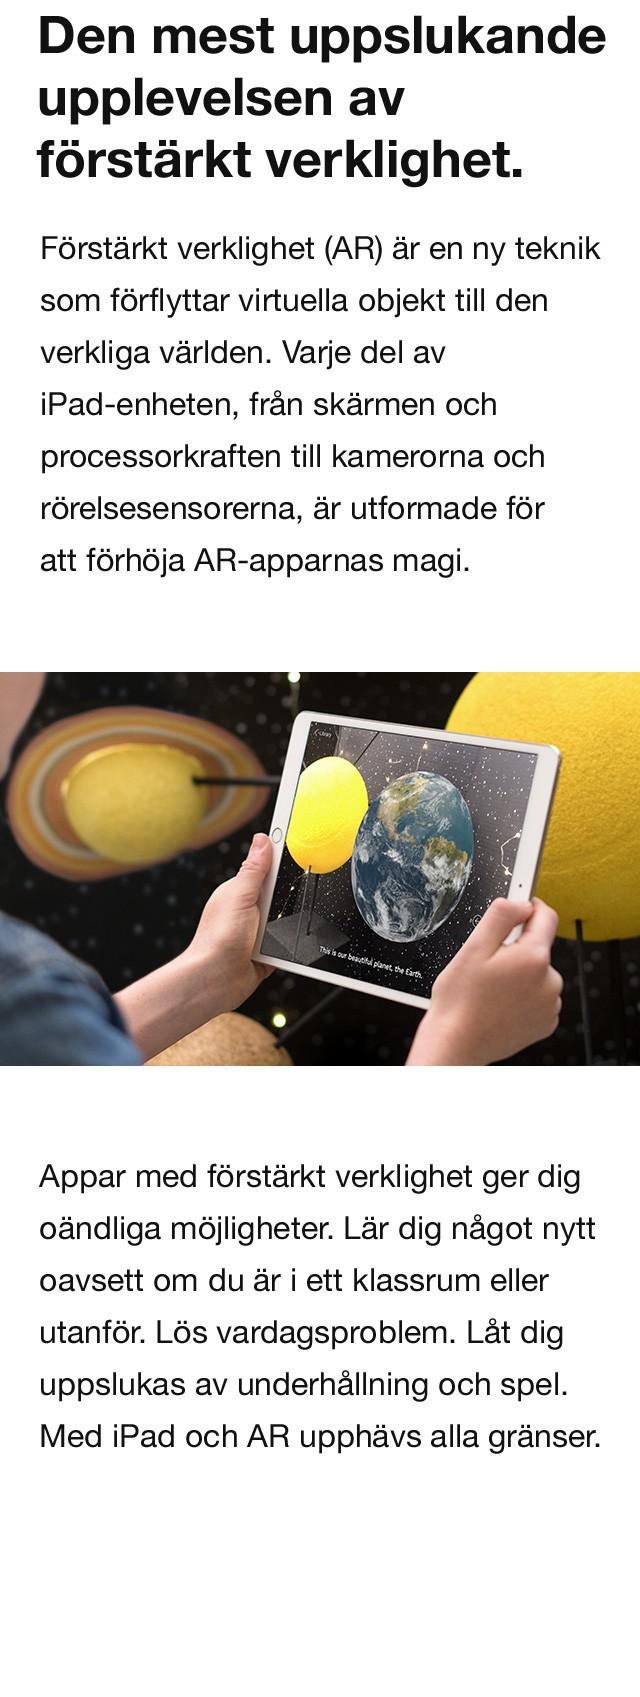 Få ner dina idéer på iPaden på ett helt nya sätt med Apple Pencil